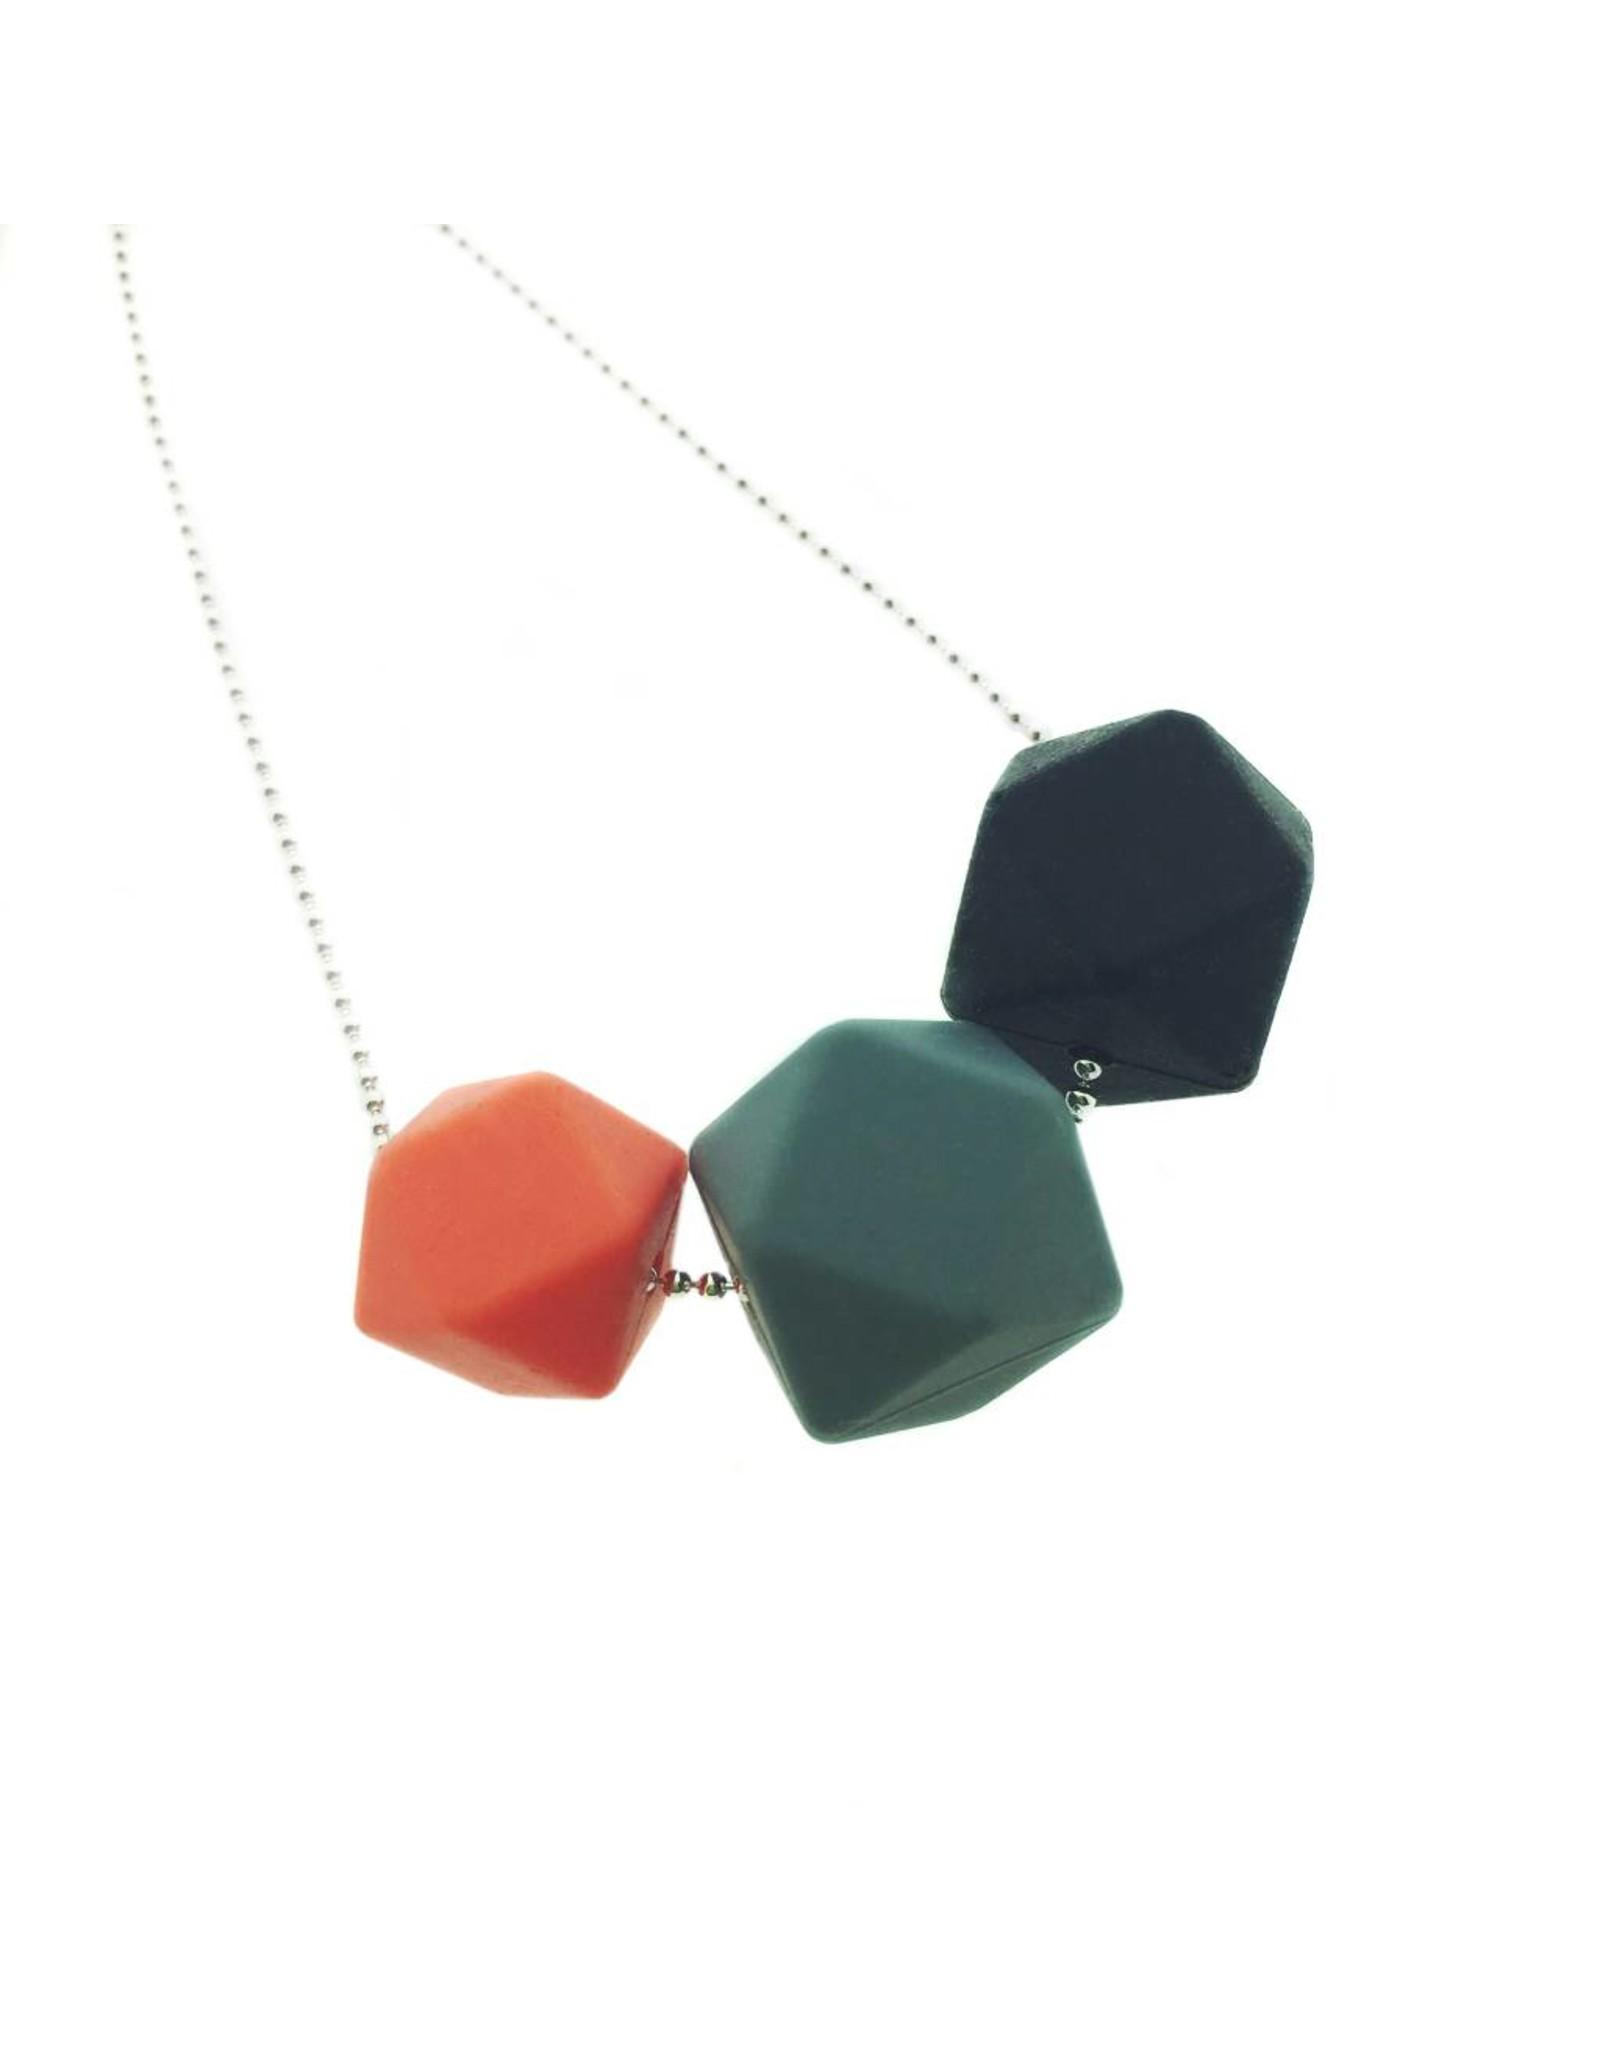 Siliconen ketting met bolletjesketting zeshoek klein - 2 zeshoeken